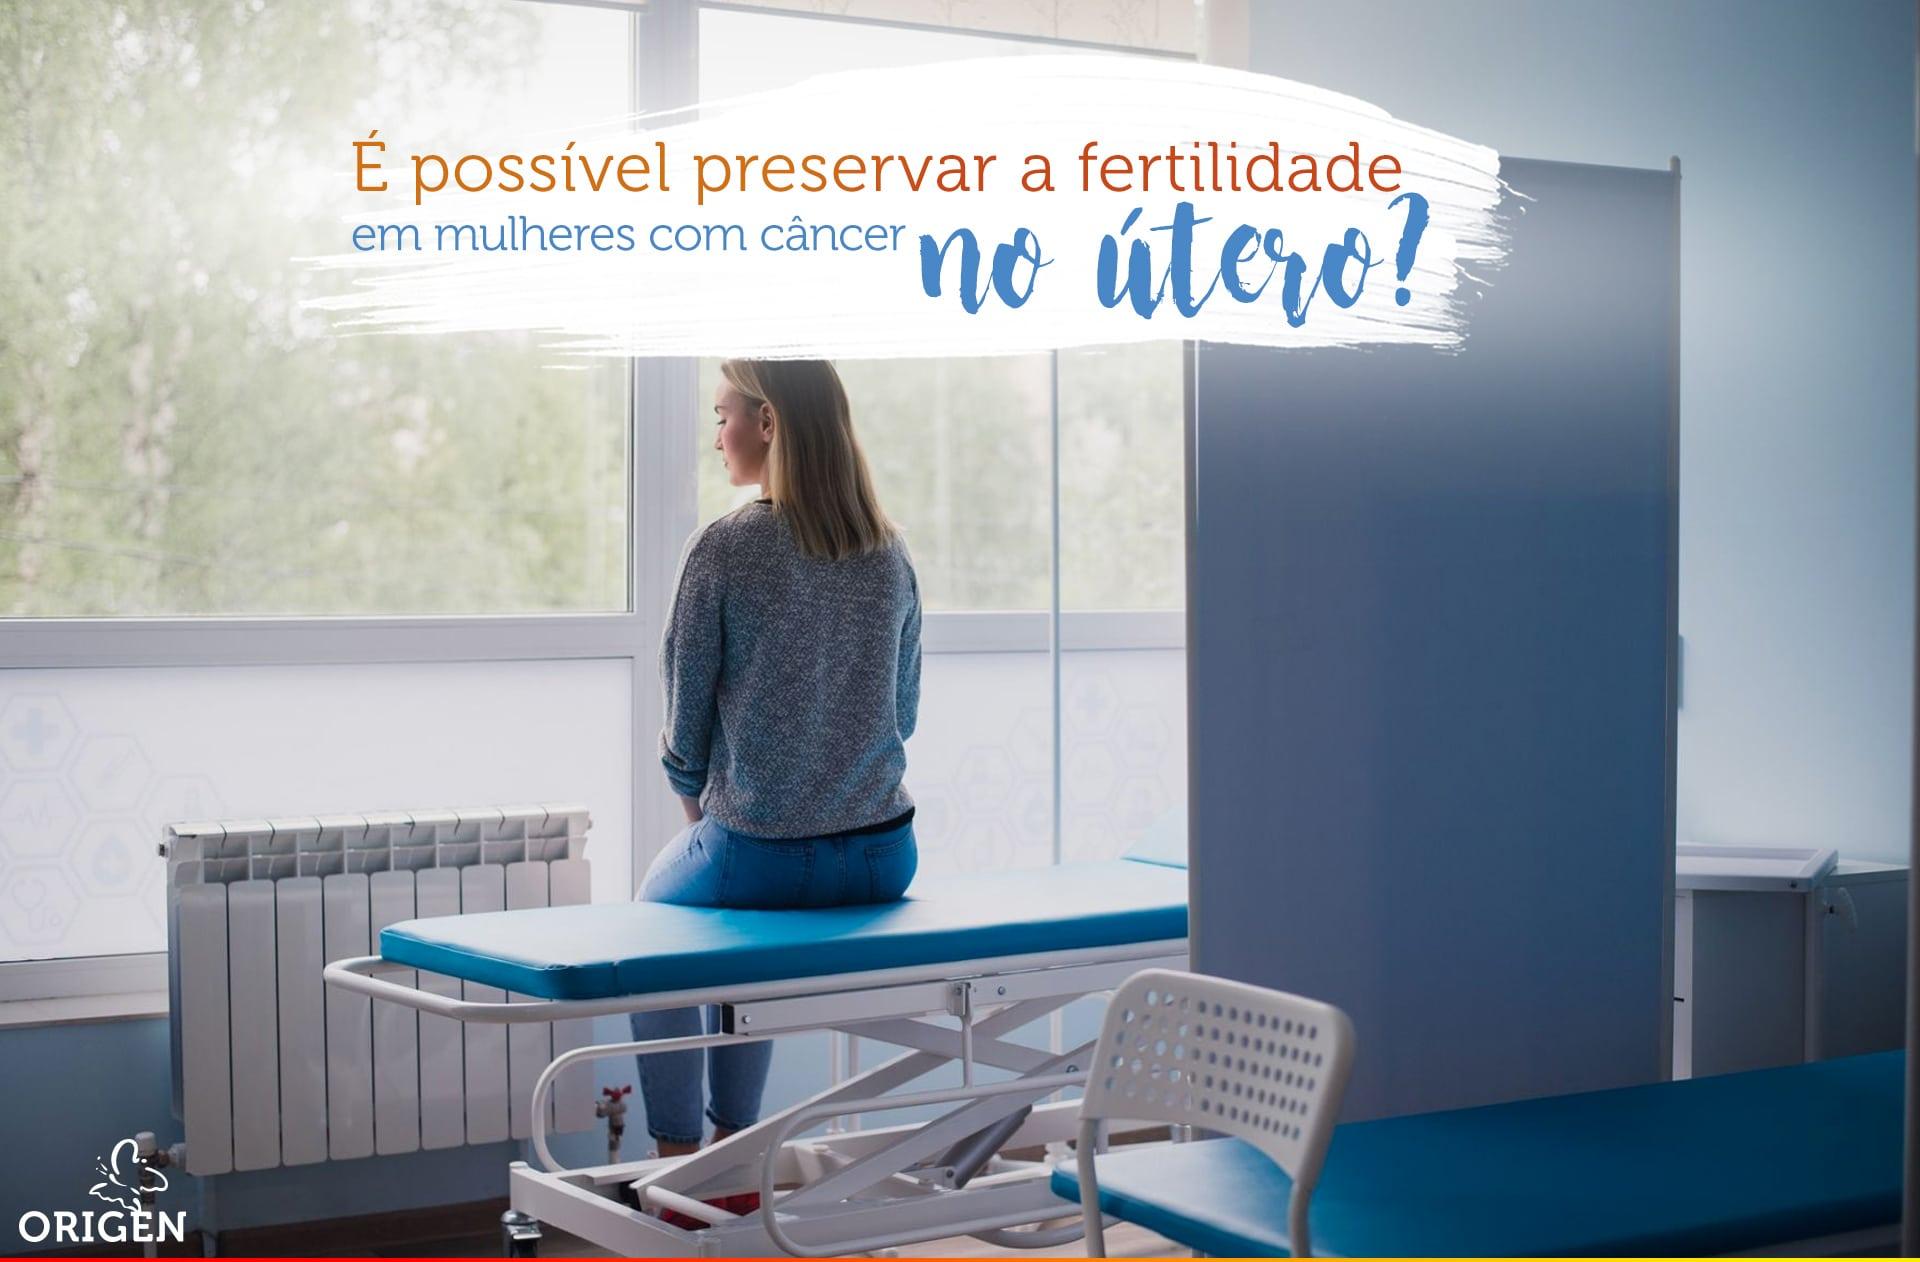 É possível preservar a fertilidade em mulheres com câncer no útero?